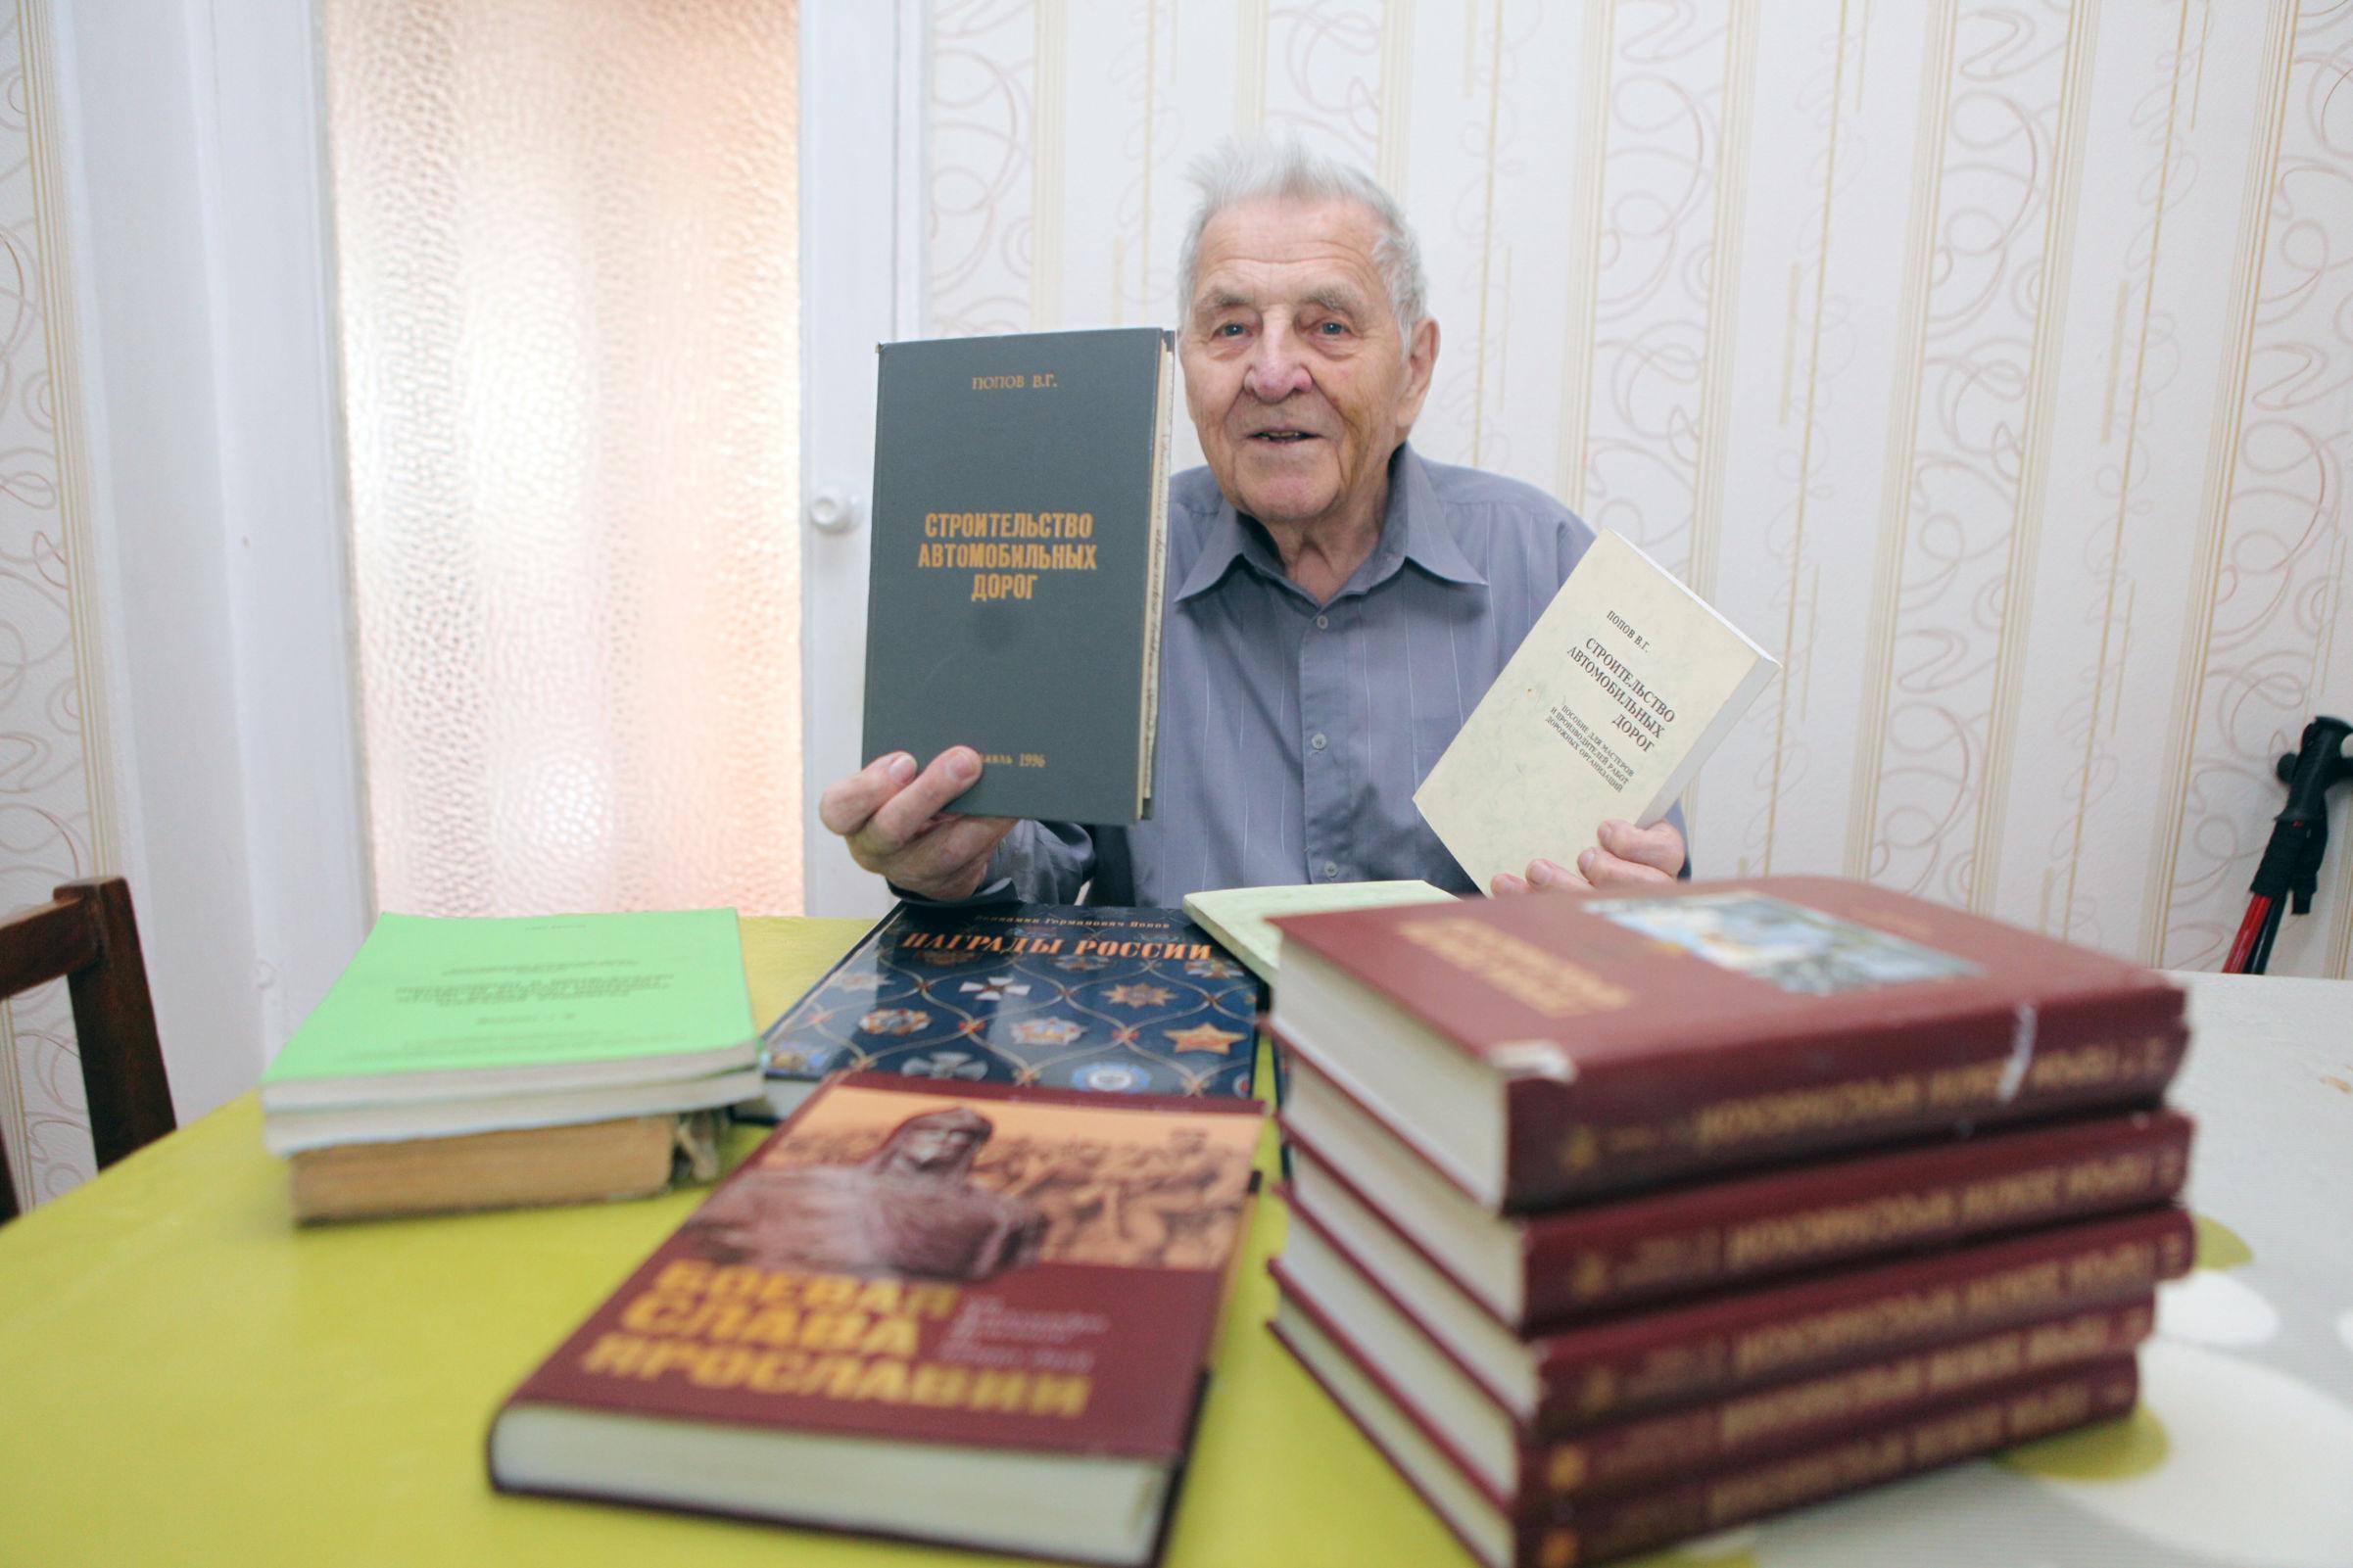 Наградная история. Ярославский пенсионер выпустил уникальную книгу